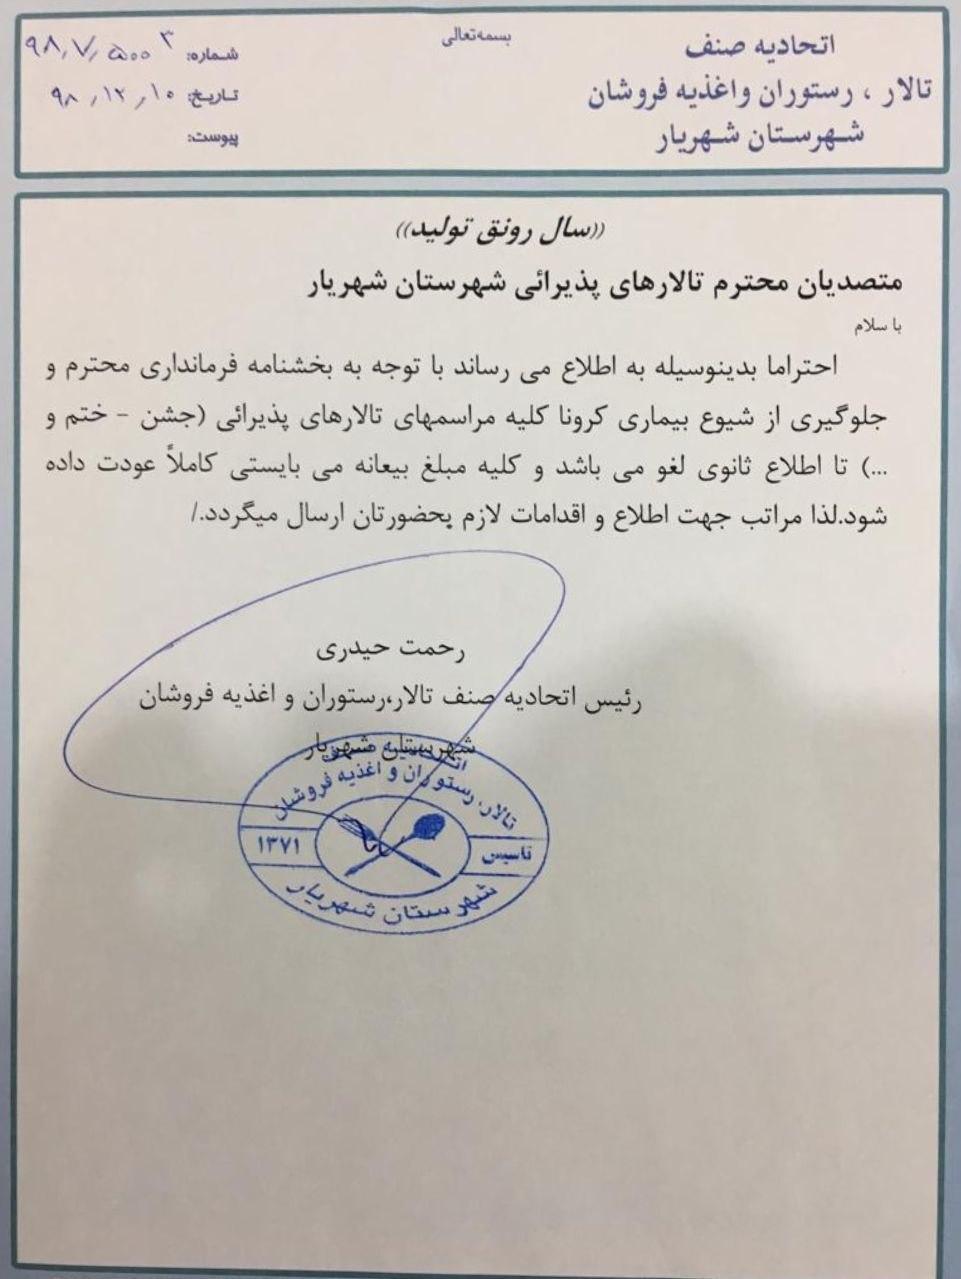 بخشنامه لغو کلیه مراسمهای تالارهای پذیرایی شهرستان شهریار .